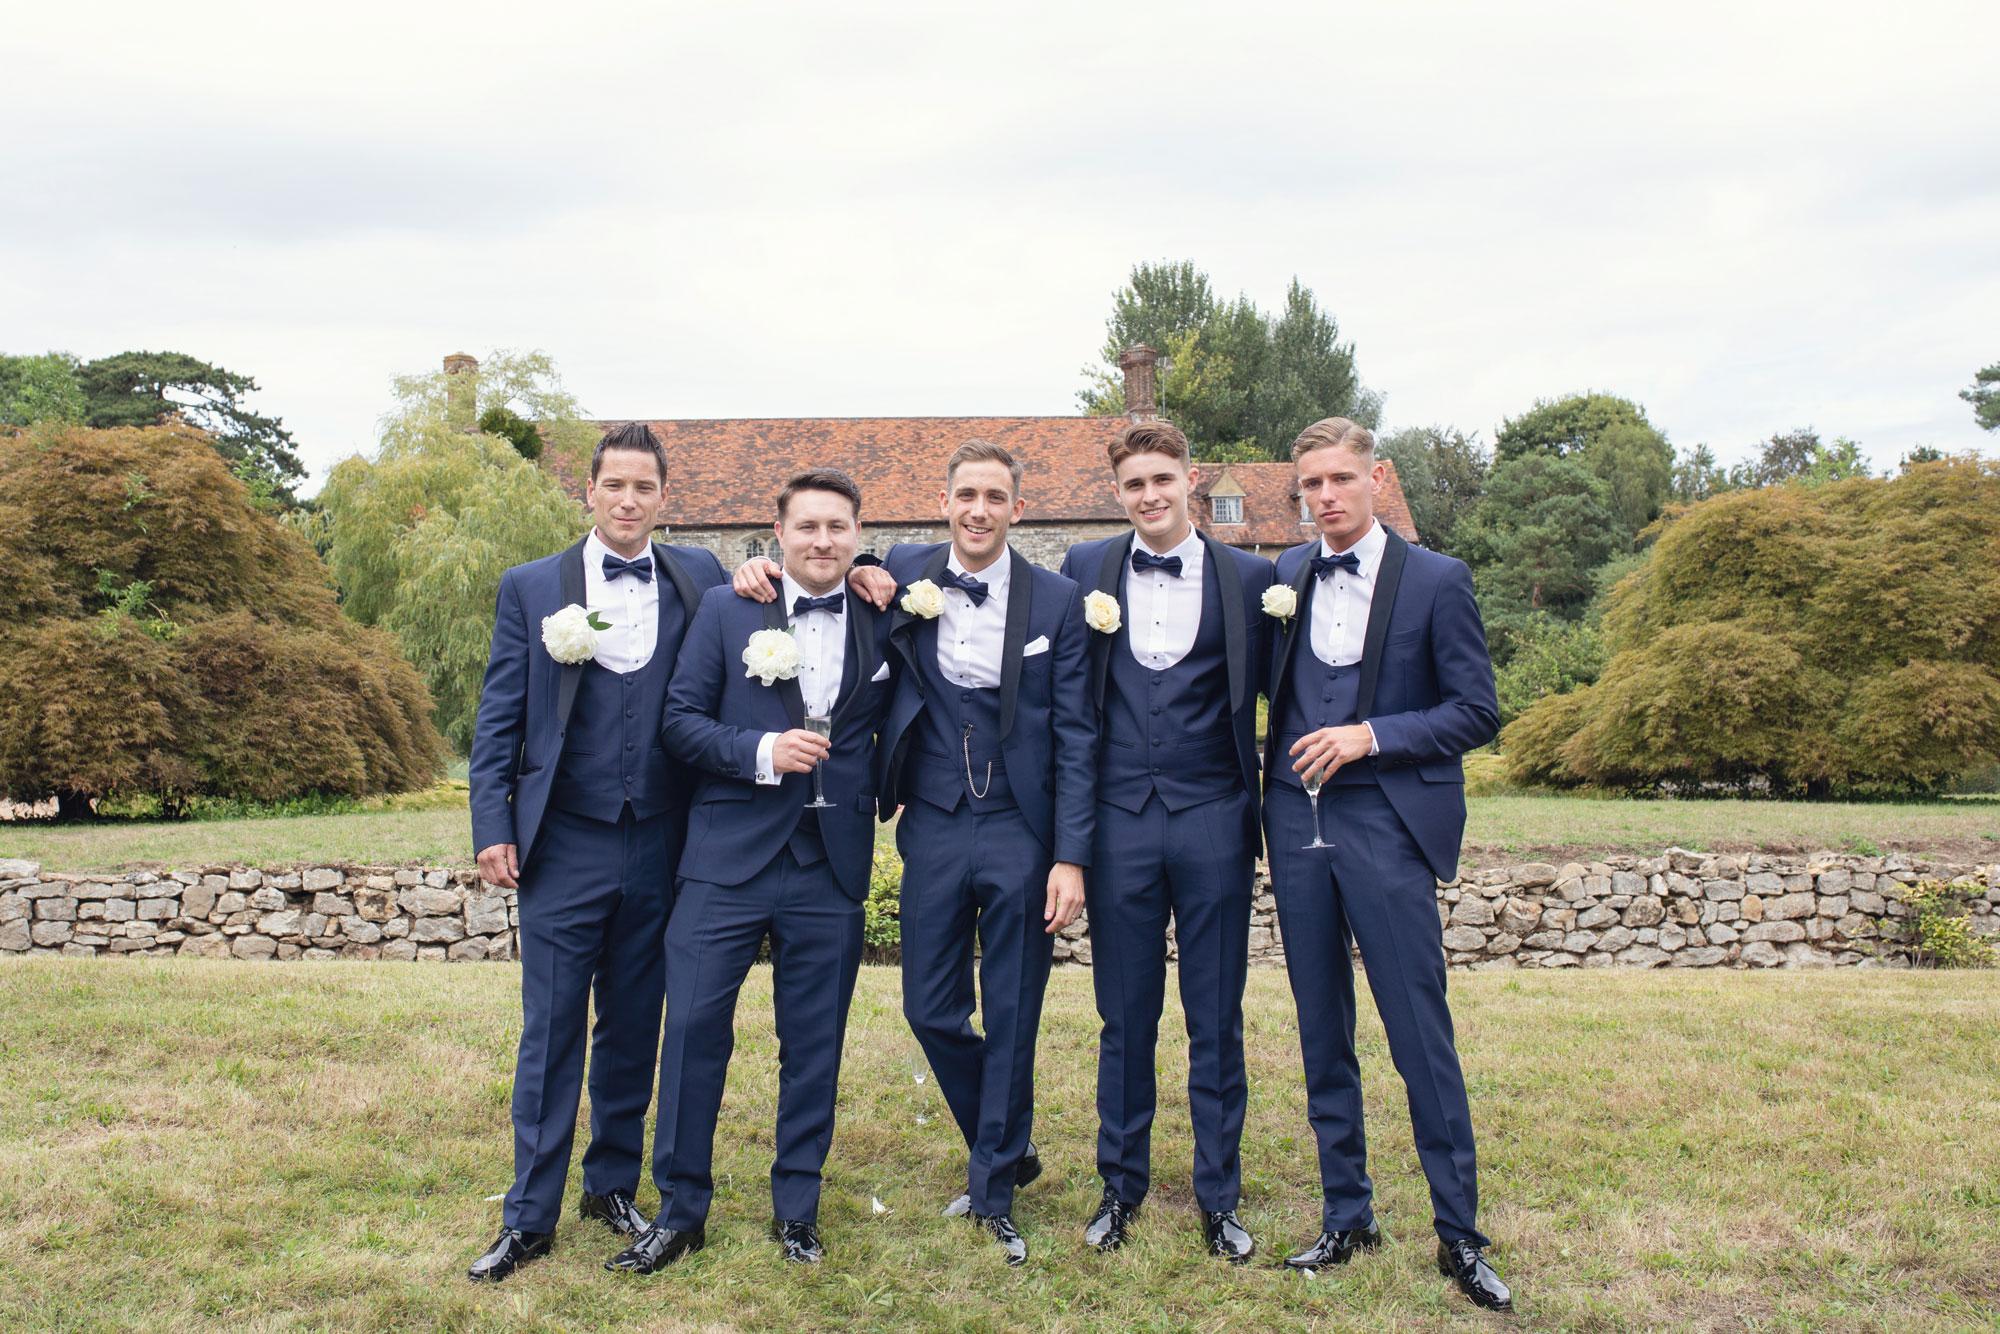 nettlestead place wedding photo groomsmen